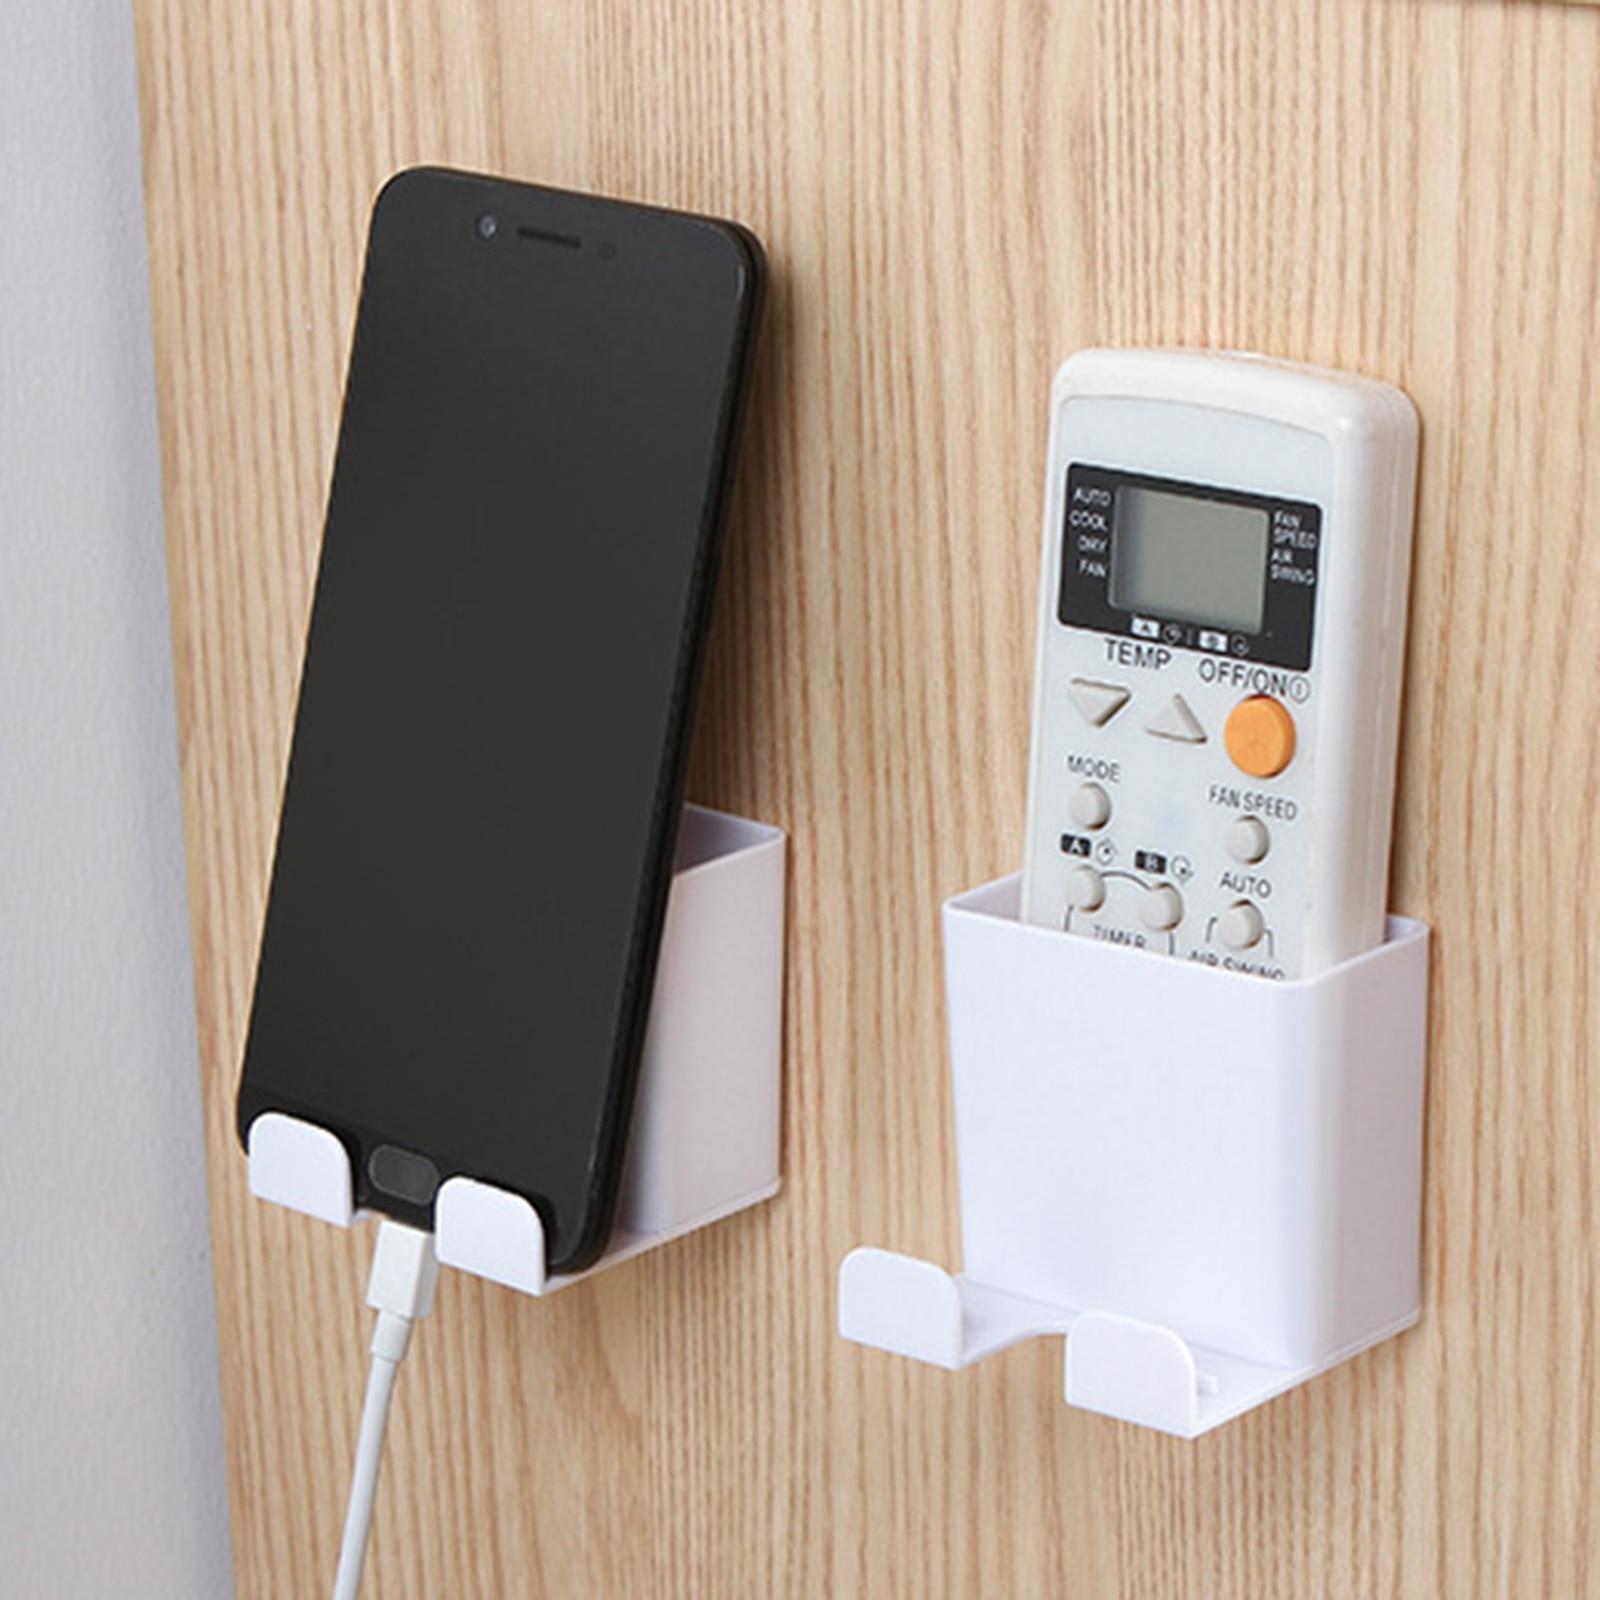 Купить универсальное настенное зарядное устройство держатель для телефона